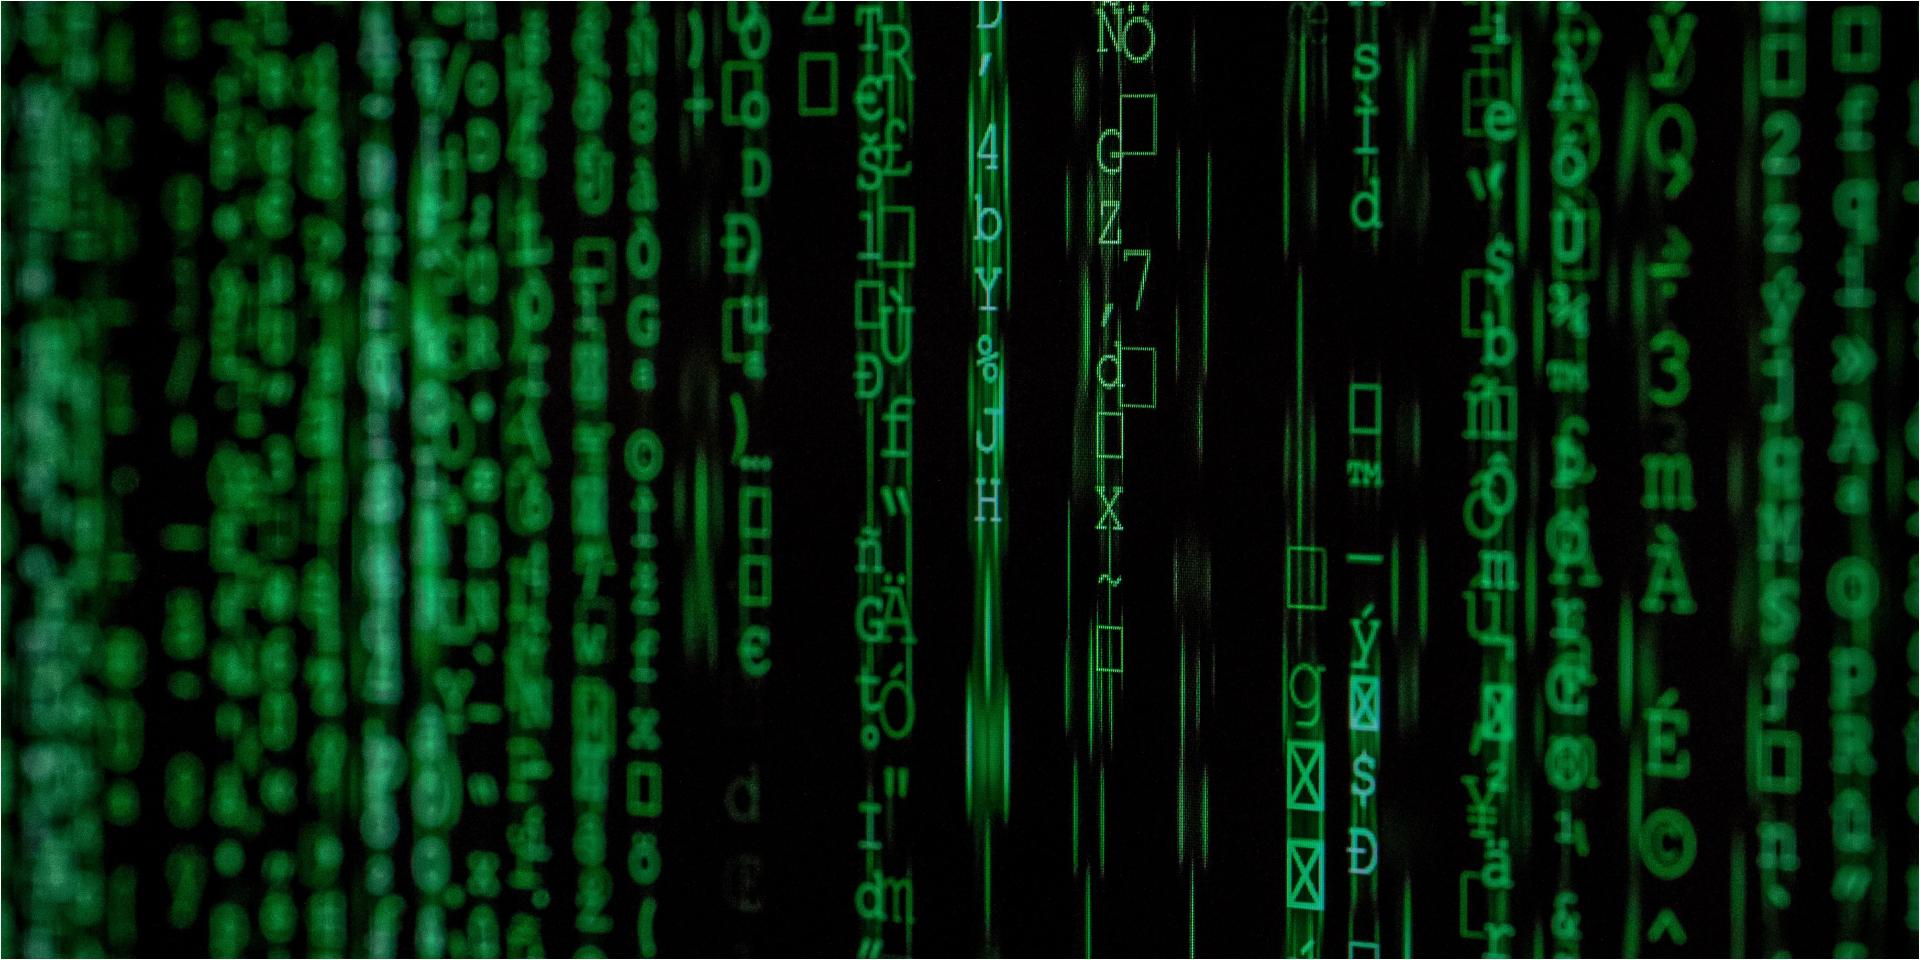 Comunicación y criptografía cuántica